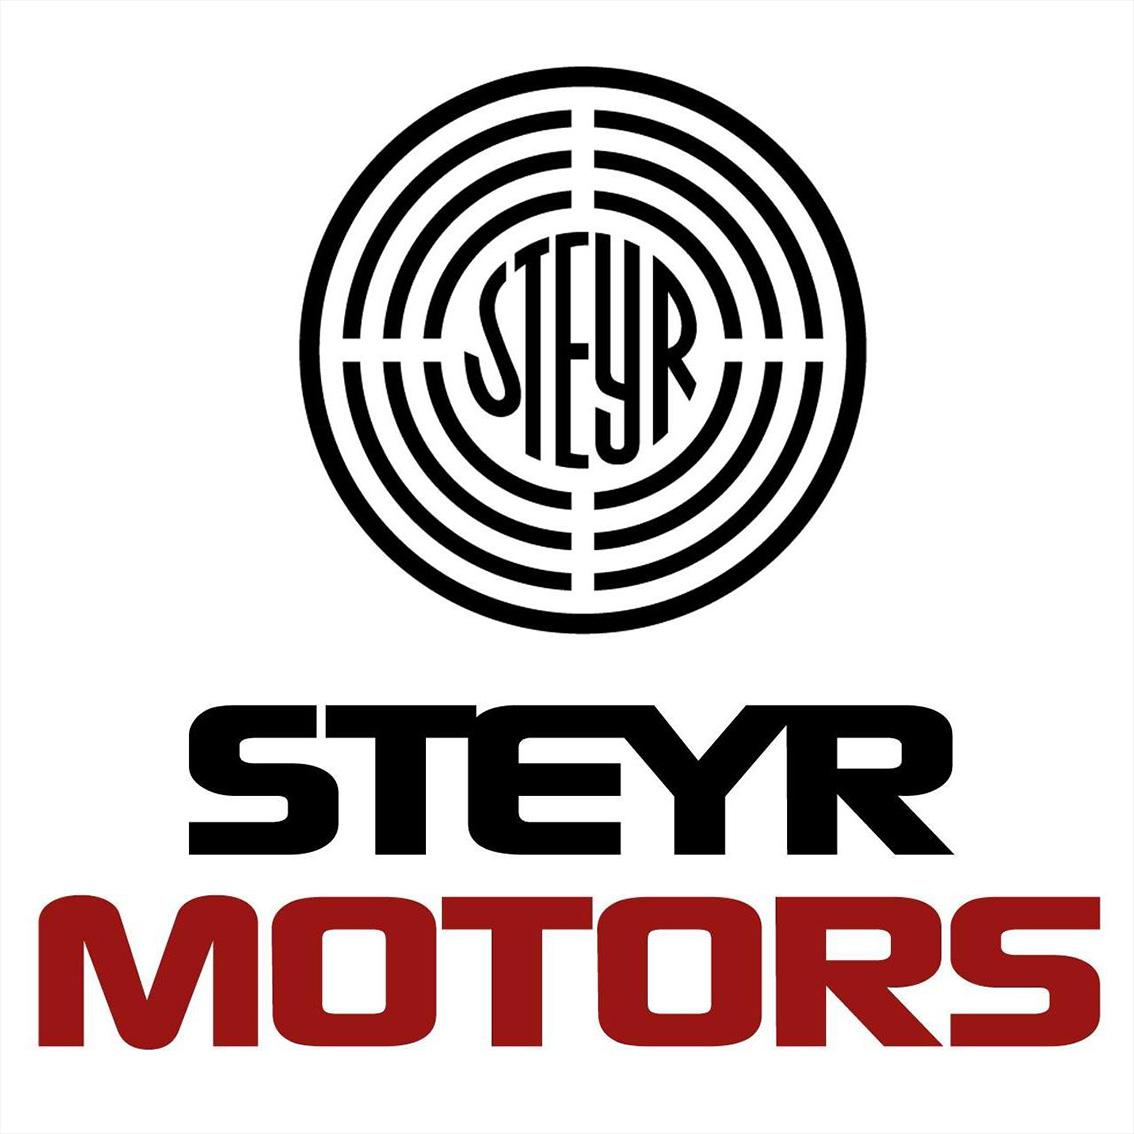 steyr motors, steyr motors oostenrijk, steyr marine motoren, importeur steyr benelux, padmos imm, brouwershaven, benelux